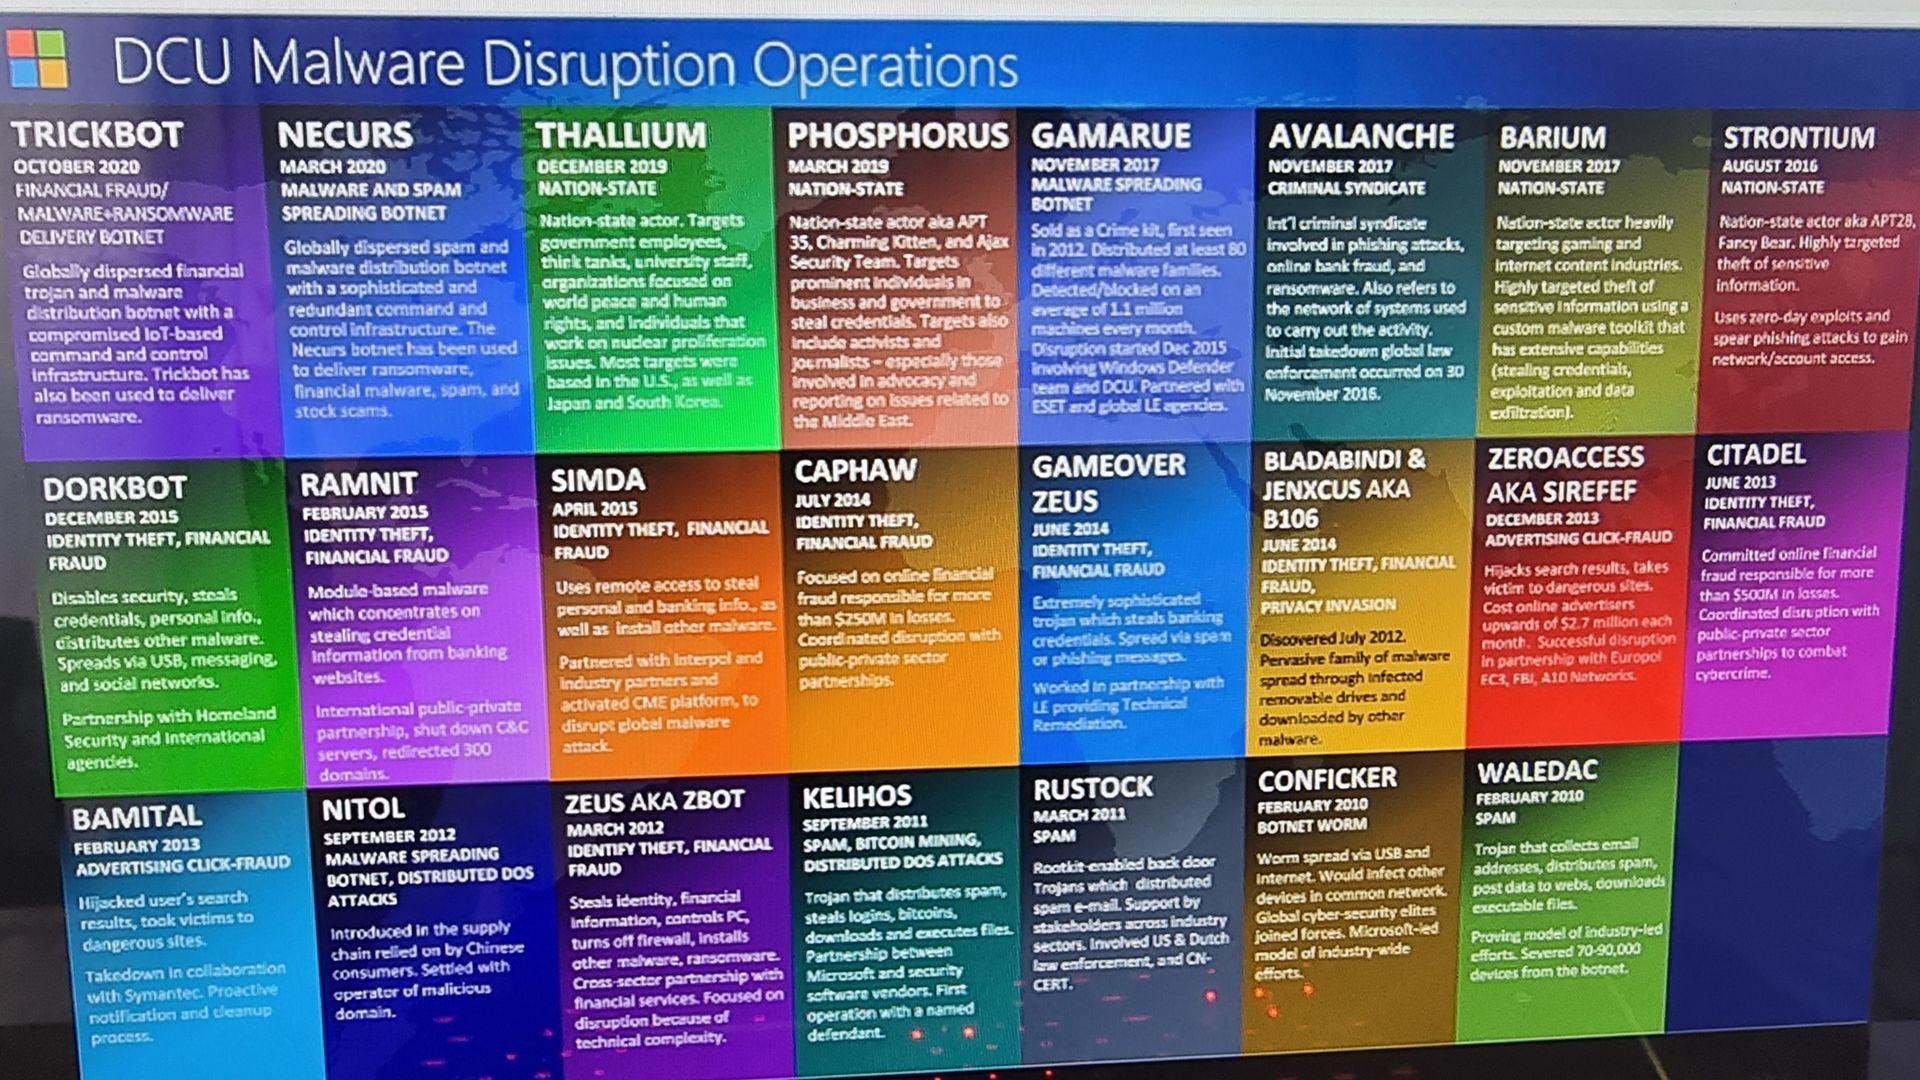 Unidad de Ciberdelito Microsoft